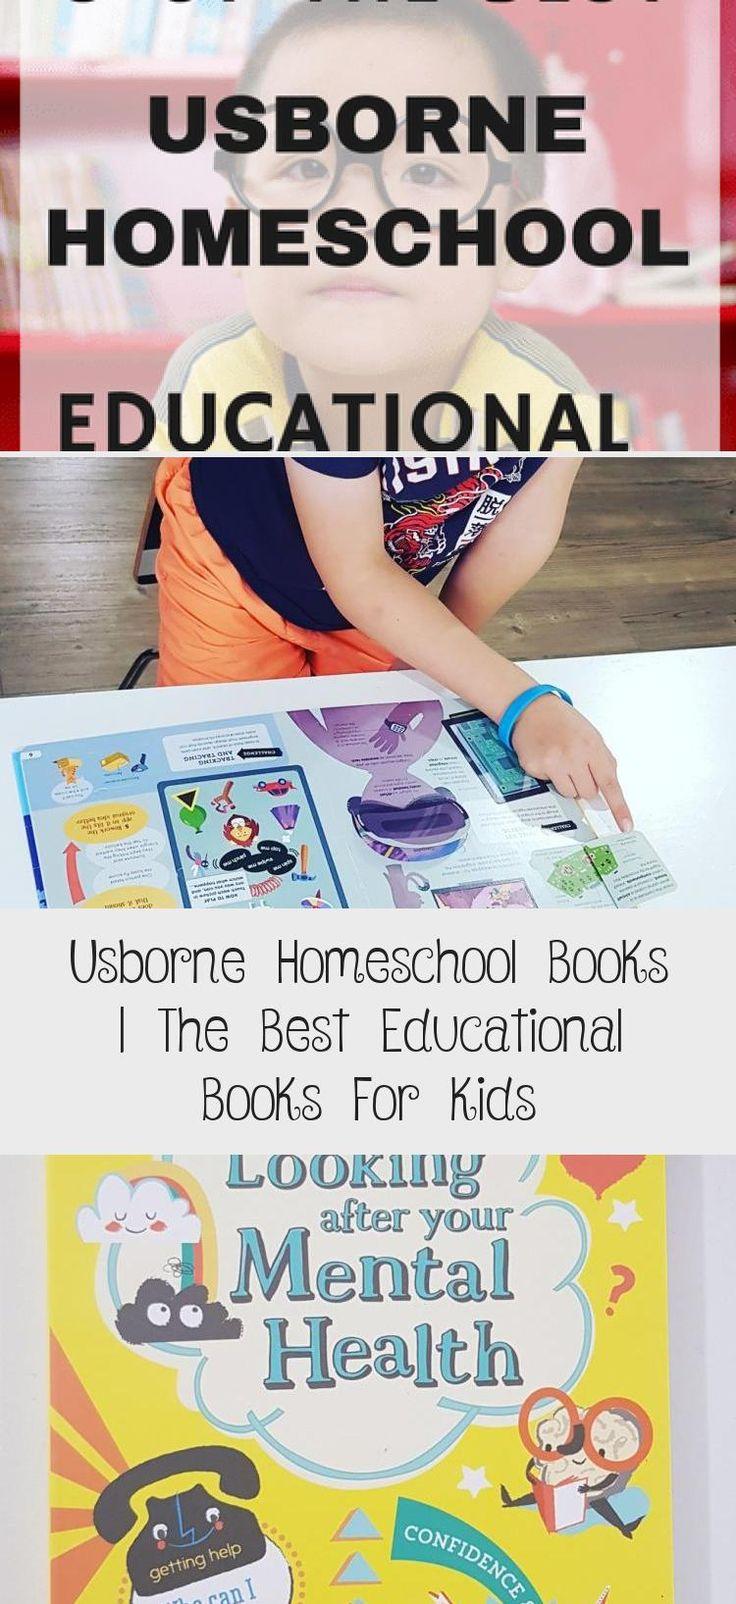 Usborne Homeschool Books The Best Educational Books For